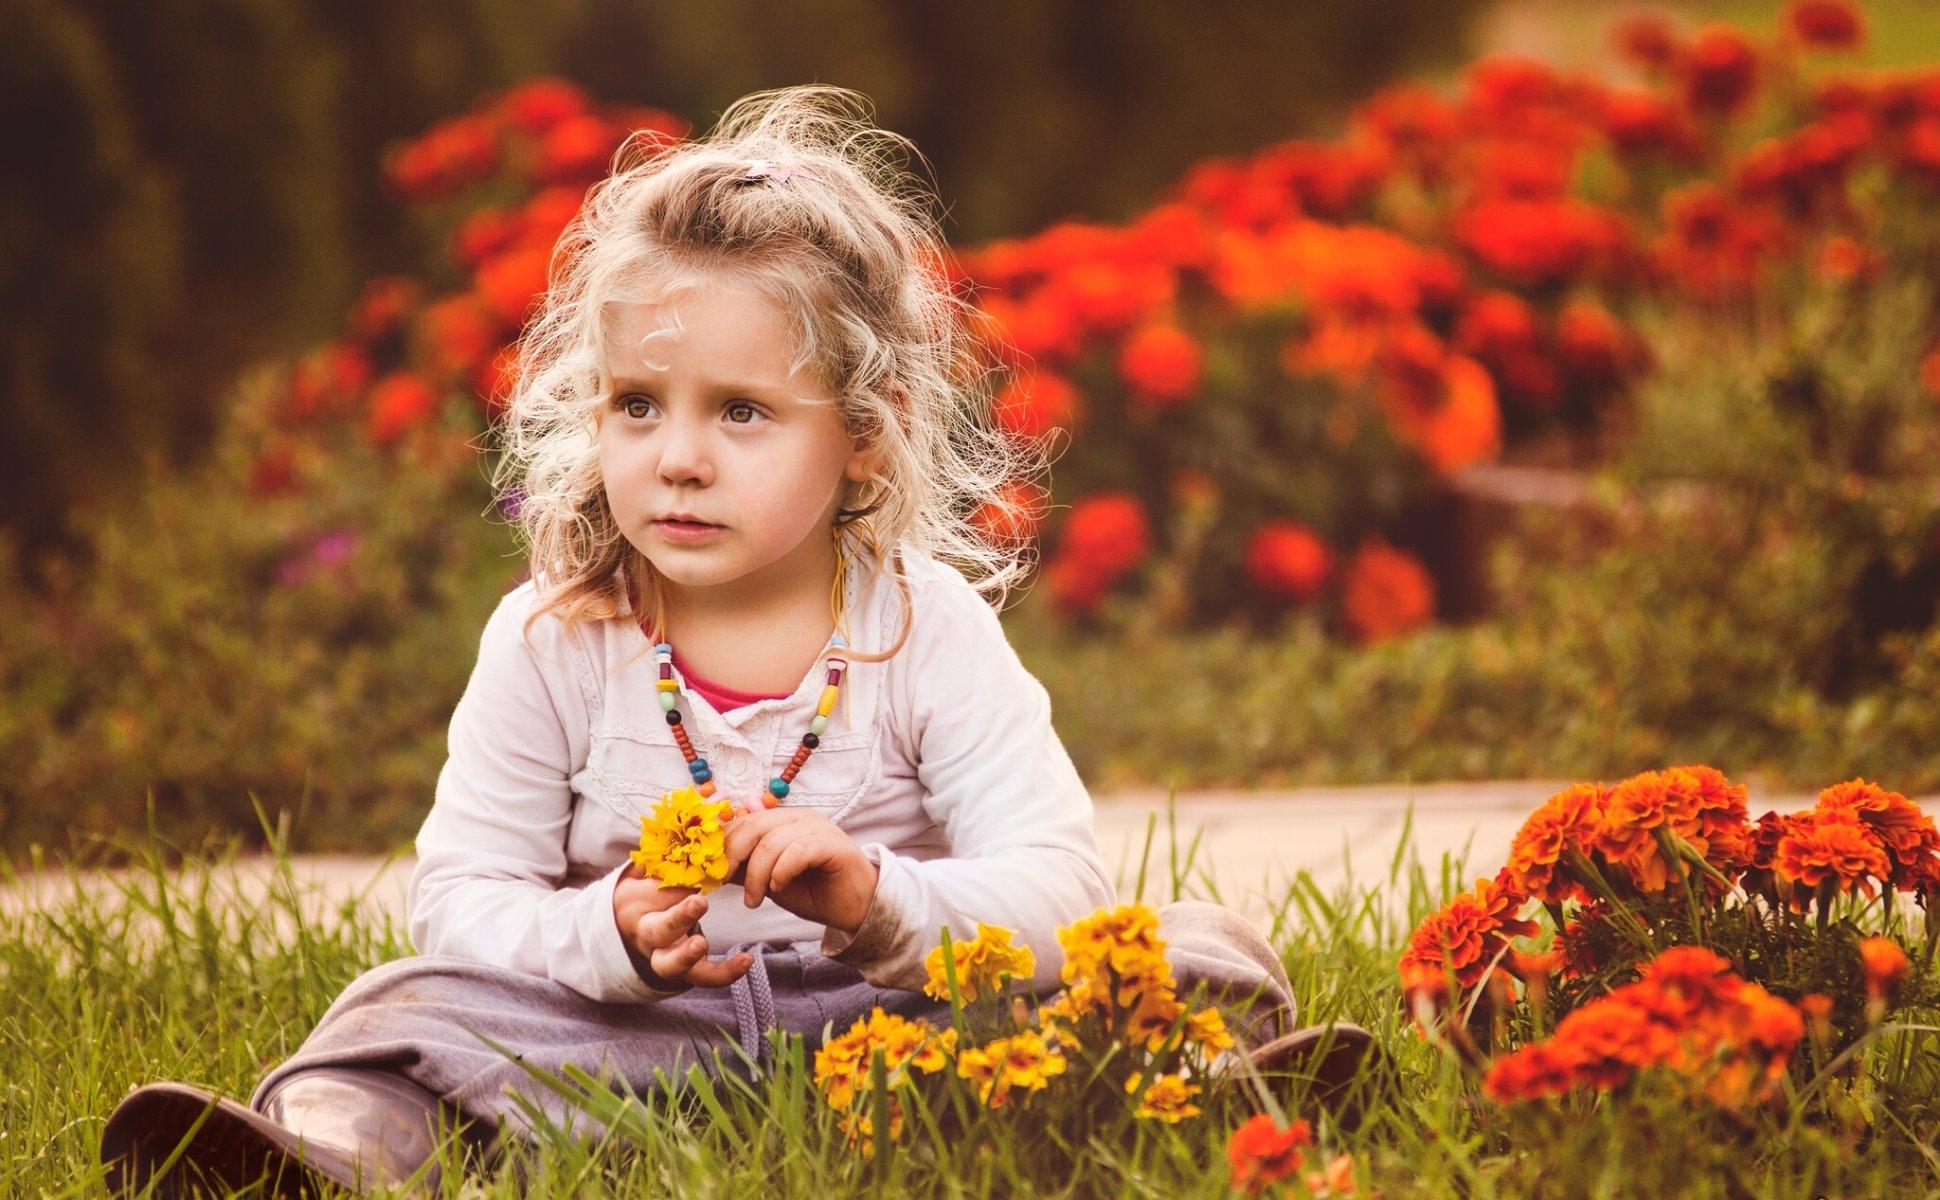 Воспитанная девочка – очарование скромности   | материнство - беременность, роды, питание, воспитание